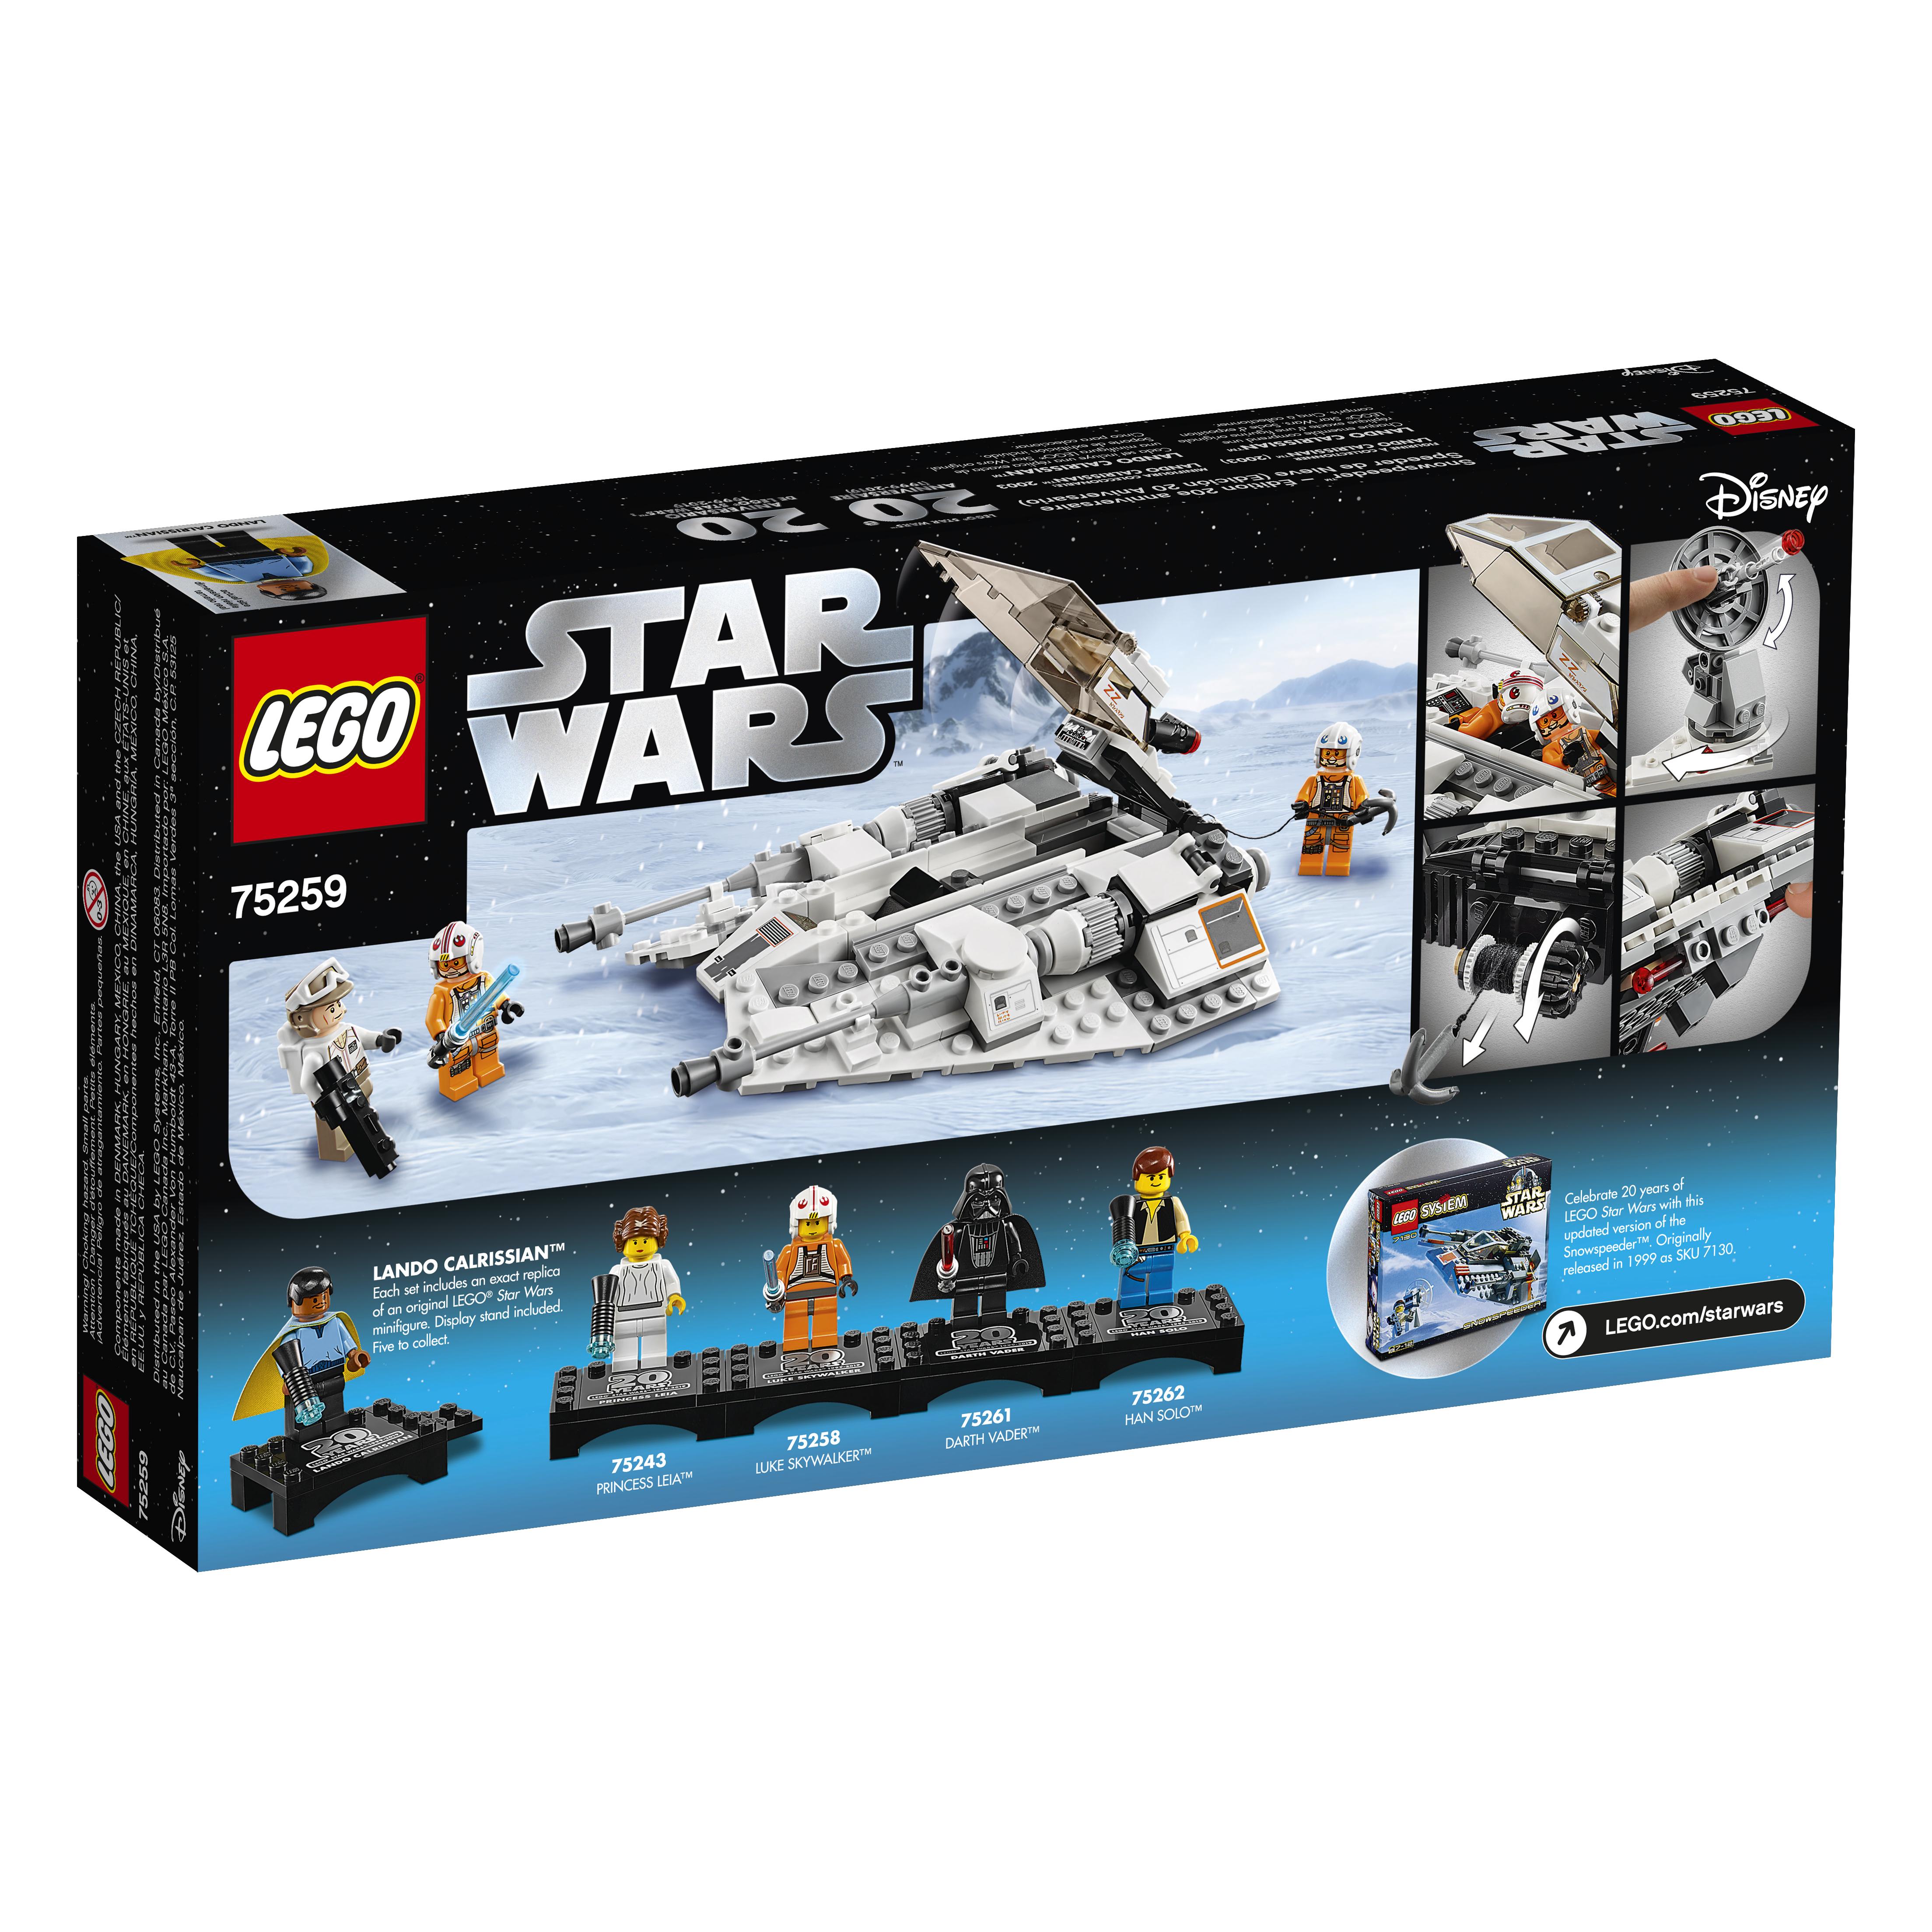 SW 20th Anniversary Edition Snowspeeder Vehicle Lego Set 2